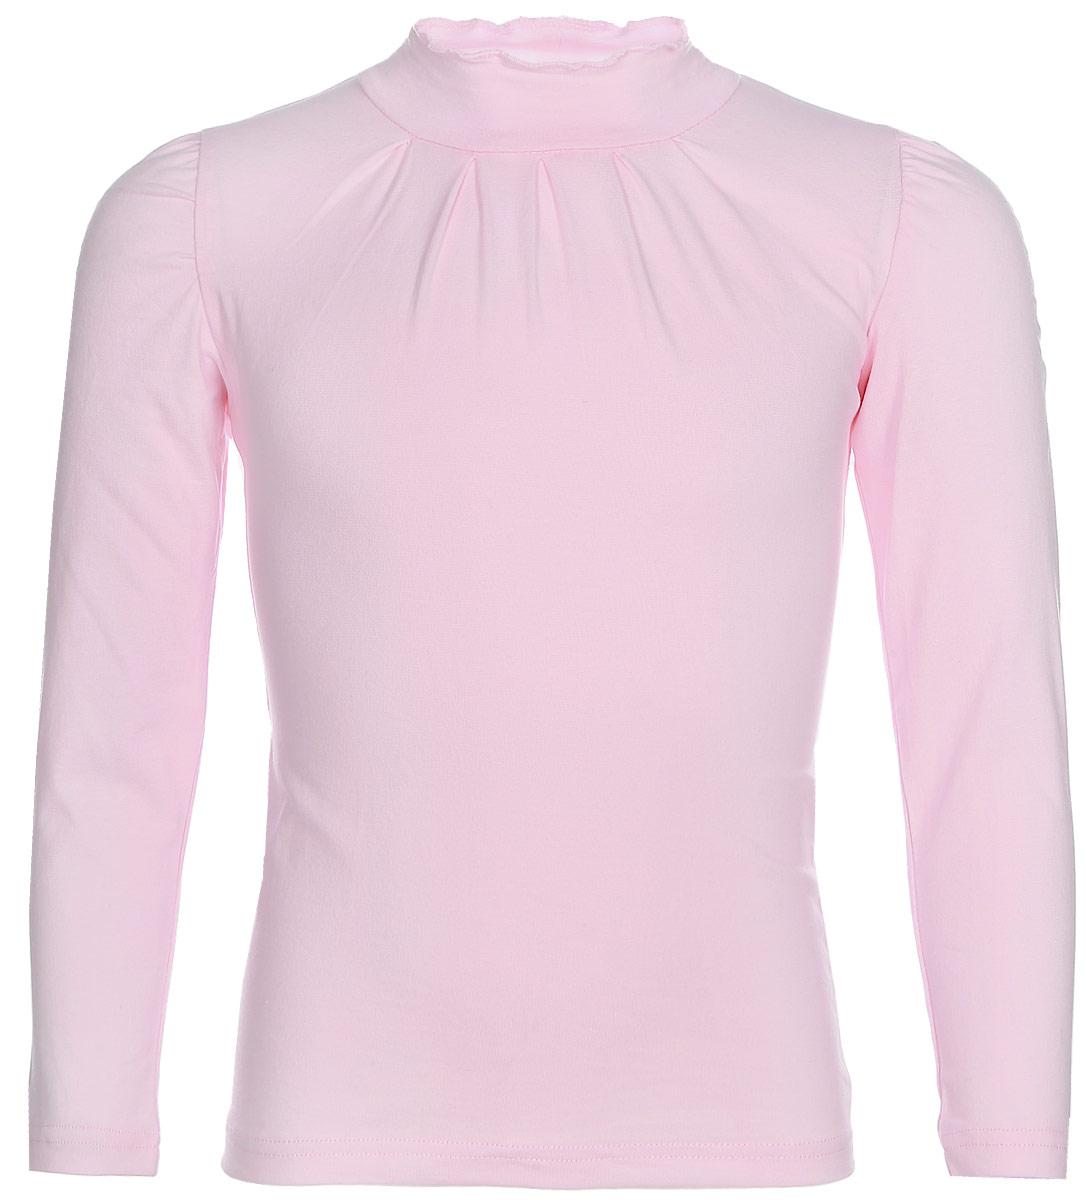 Водолазка для девочки LeadGen, цвет: розовый. G935007016-172. Размер 176G935007016-172Водолазка для девочки LeadGen выполнена из эластичного хлопкового трикотажа. Модель с длинными рукавами и невысоким воротником-стойкой. От линии горловины заложены небольшие складочки.